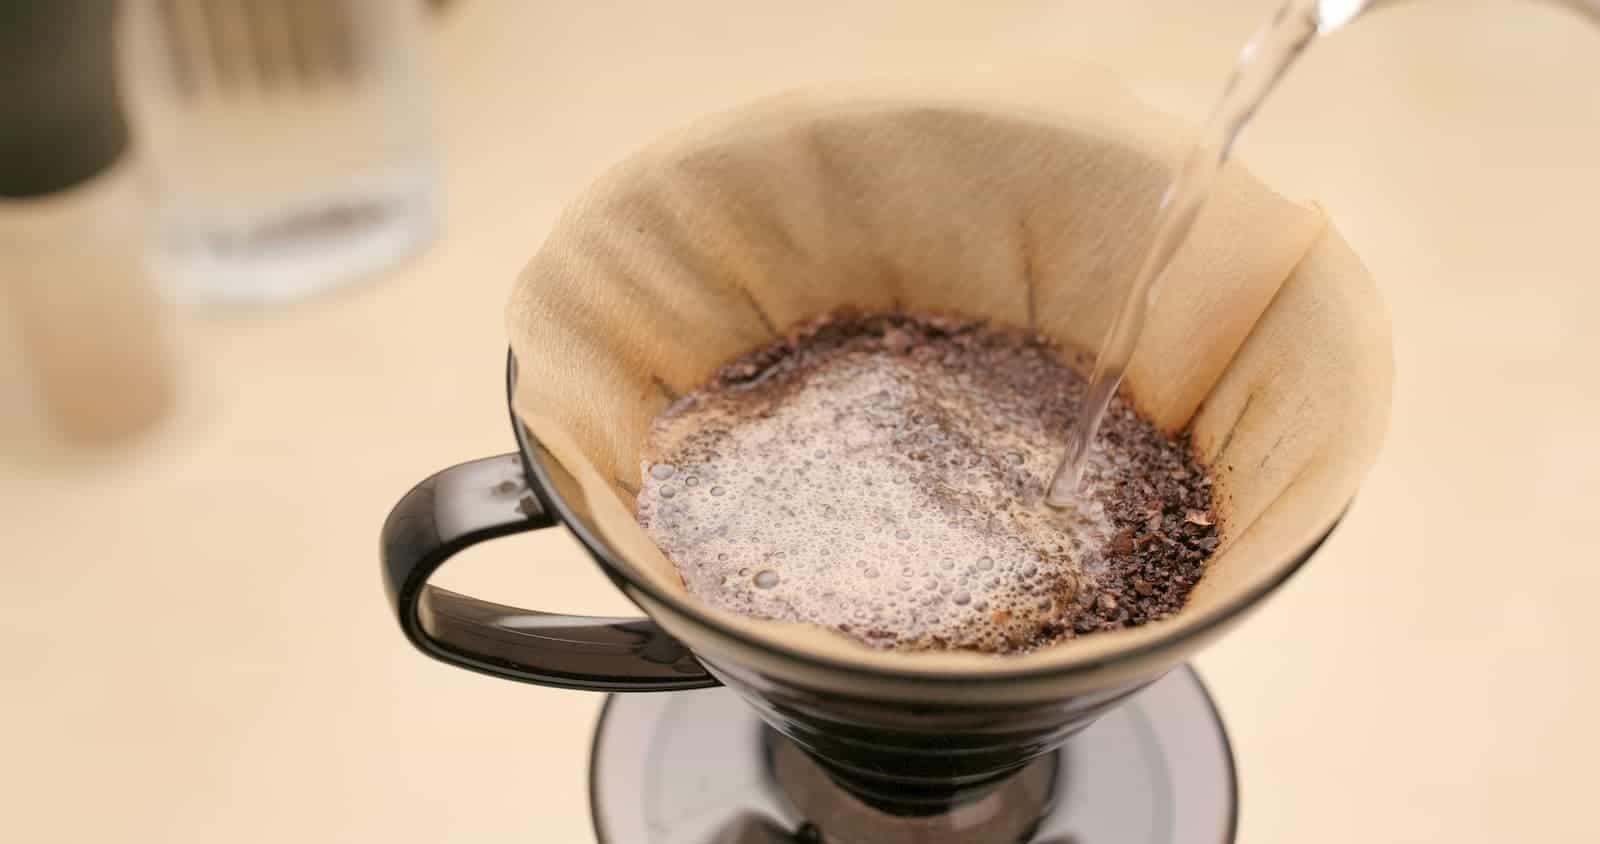 passando café no coador